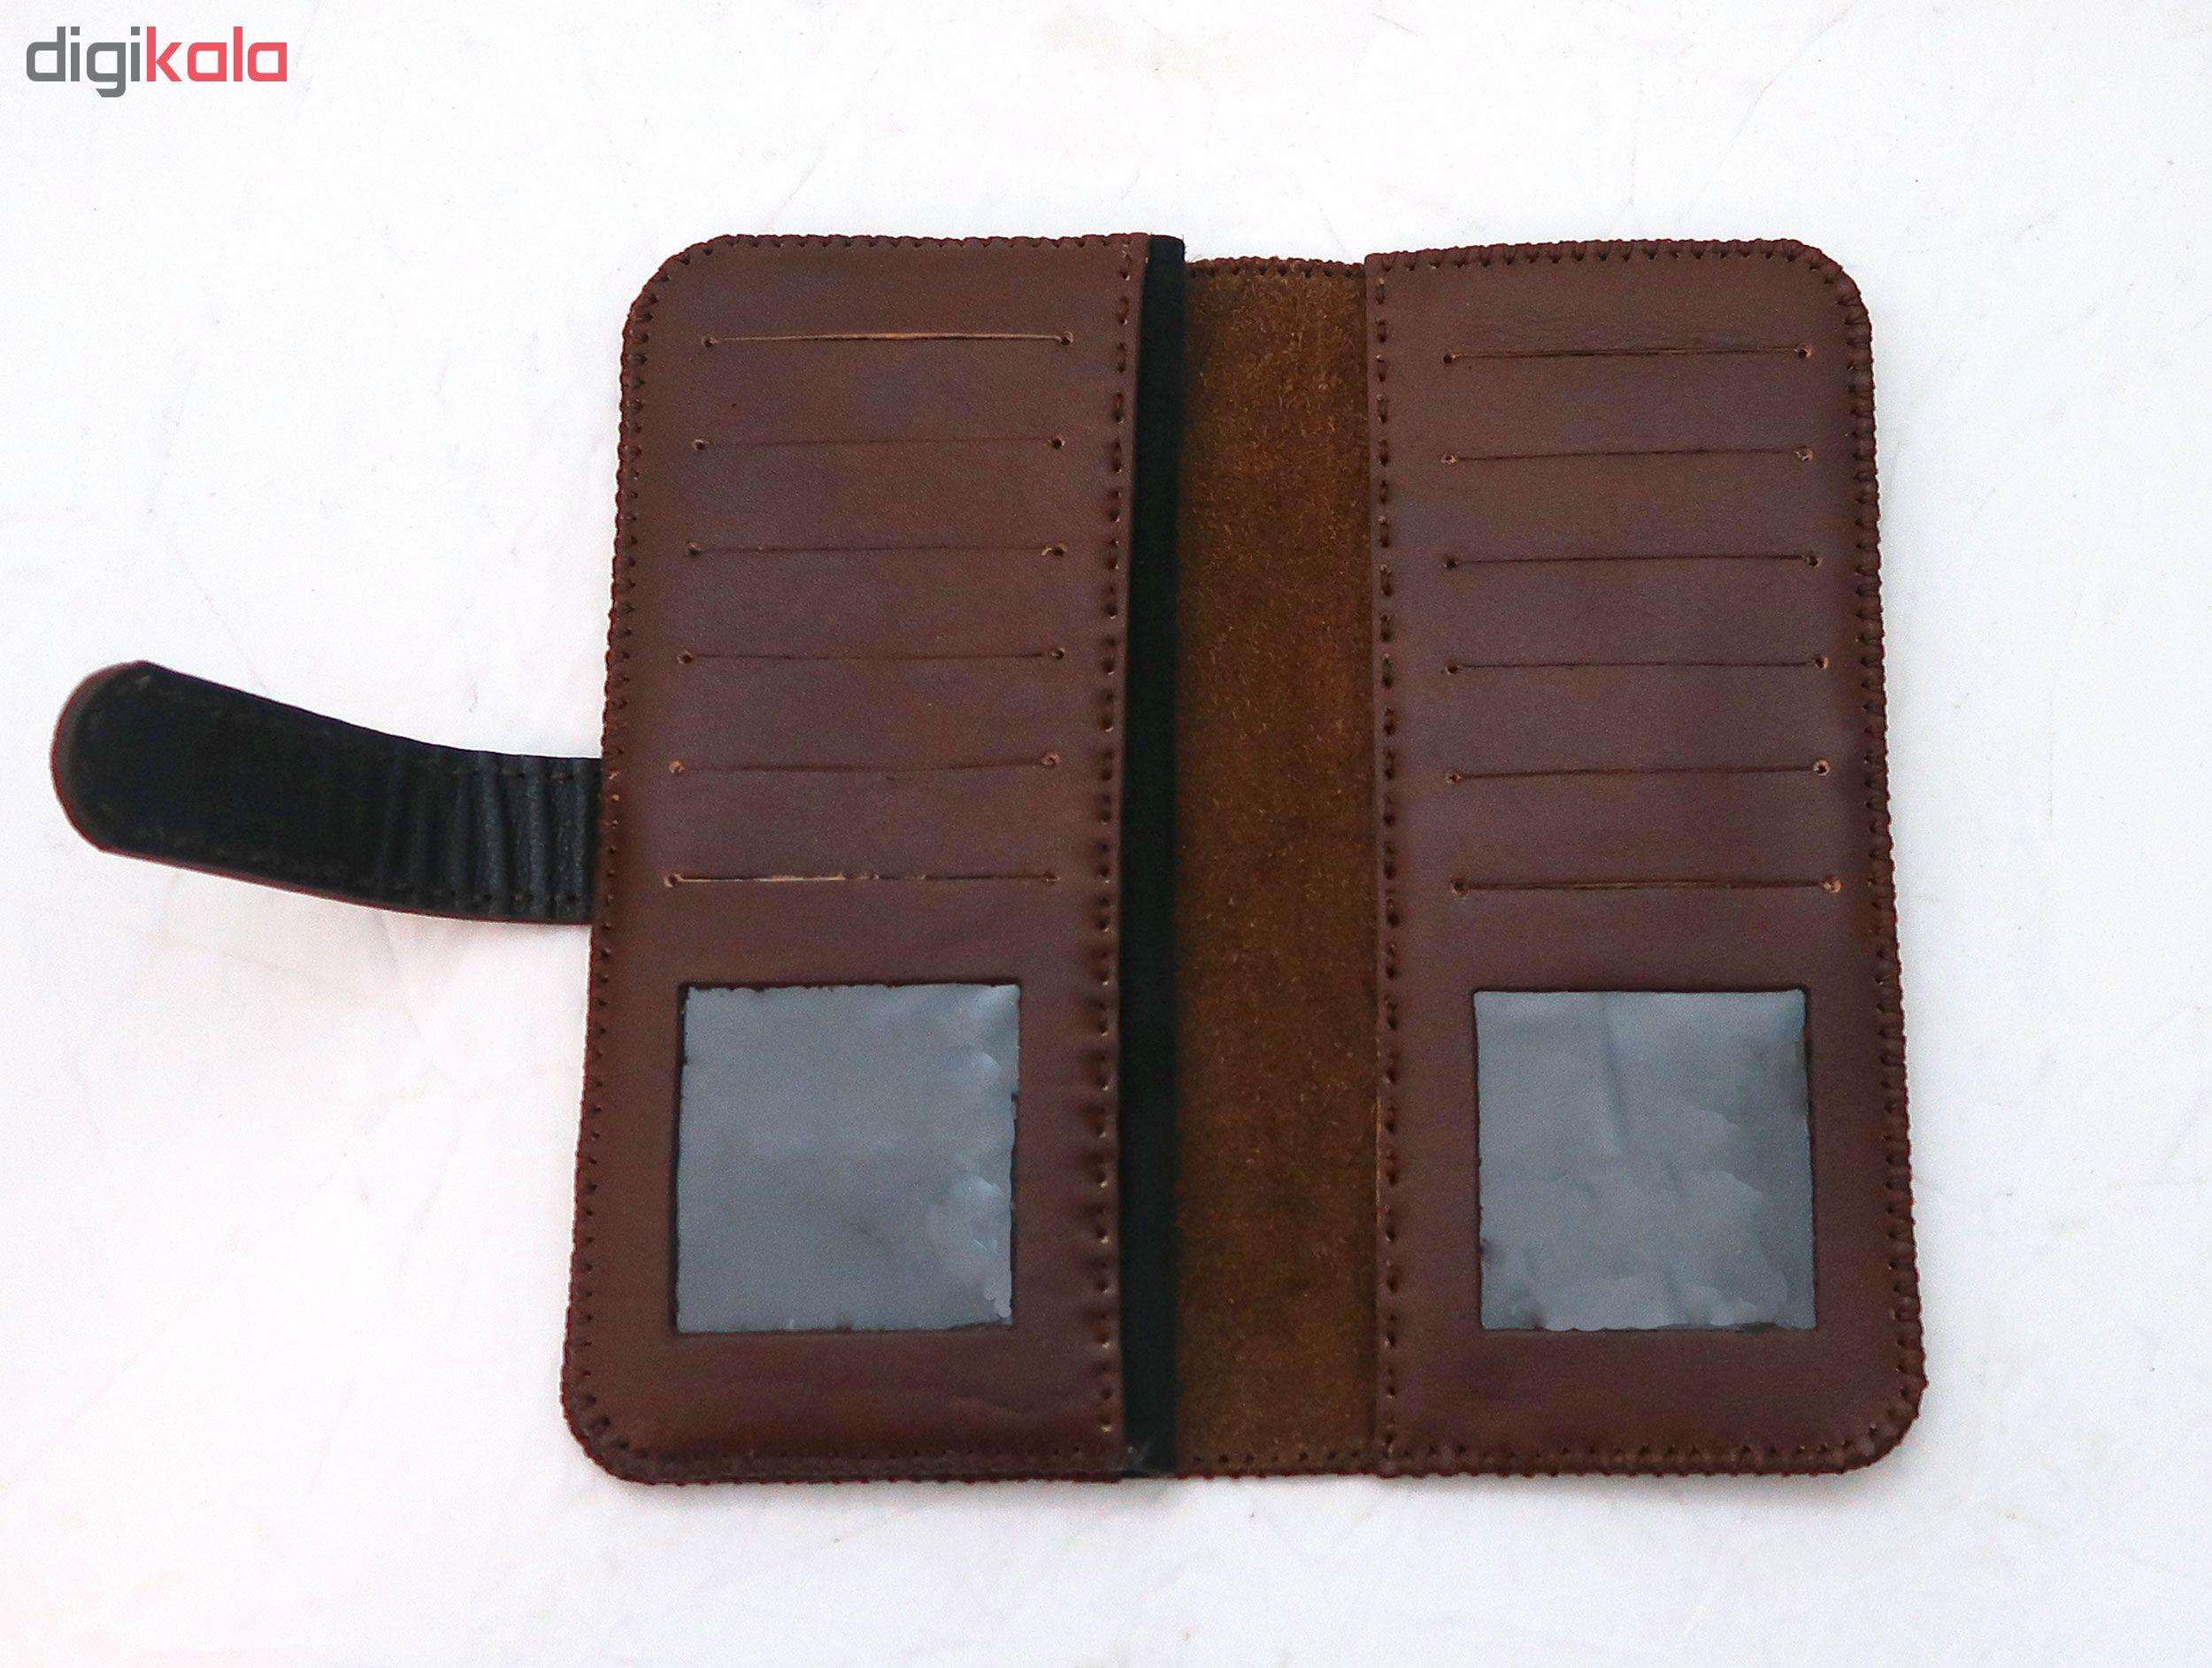 کیف پول چرمی مدل bik-wo-058